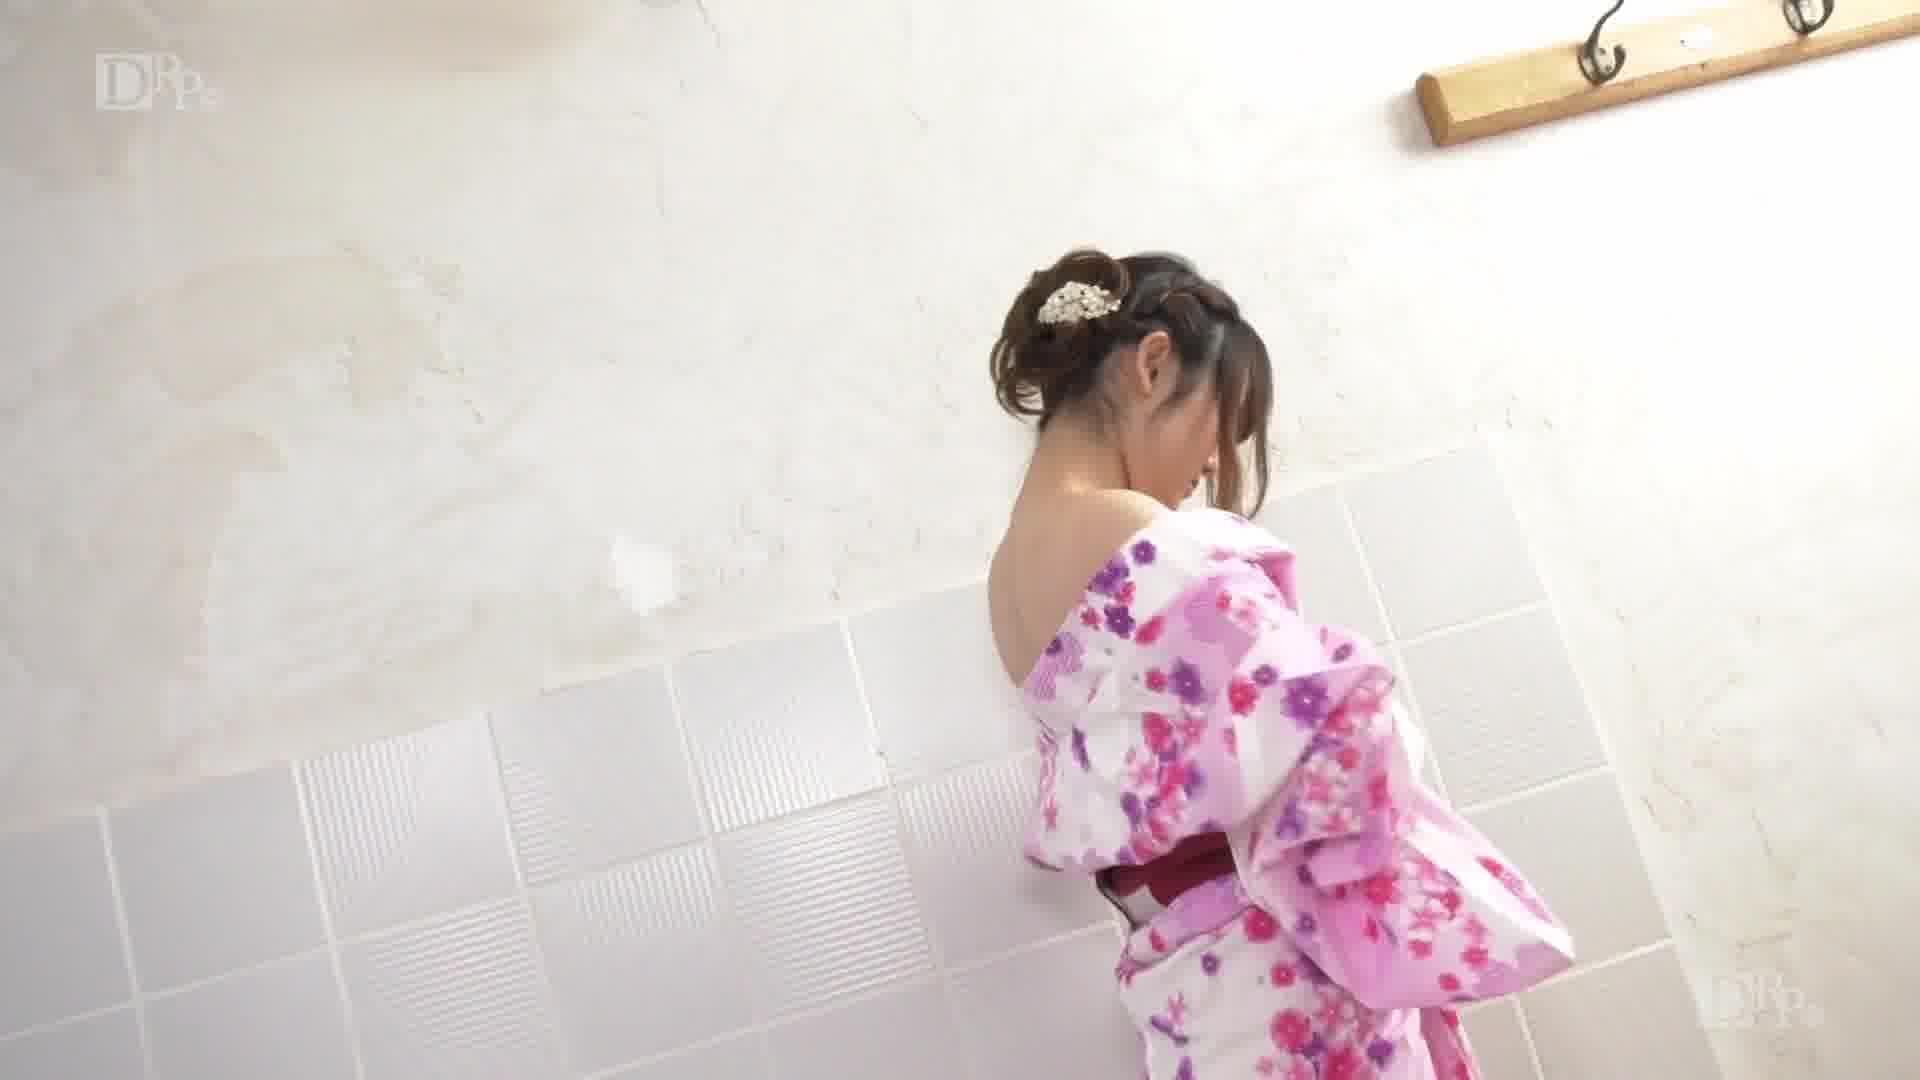 僕の彼女が北川レイラだったら - 北川レイラ【浴衣・クンニ・中出し】